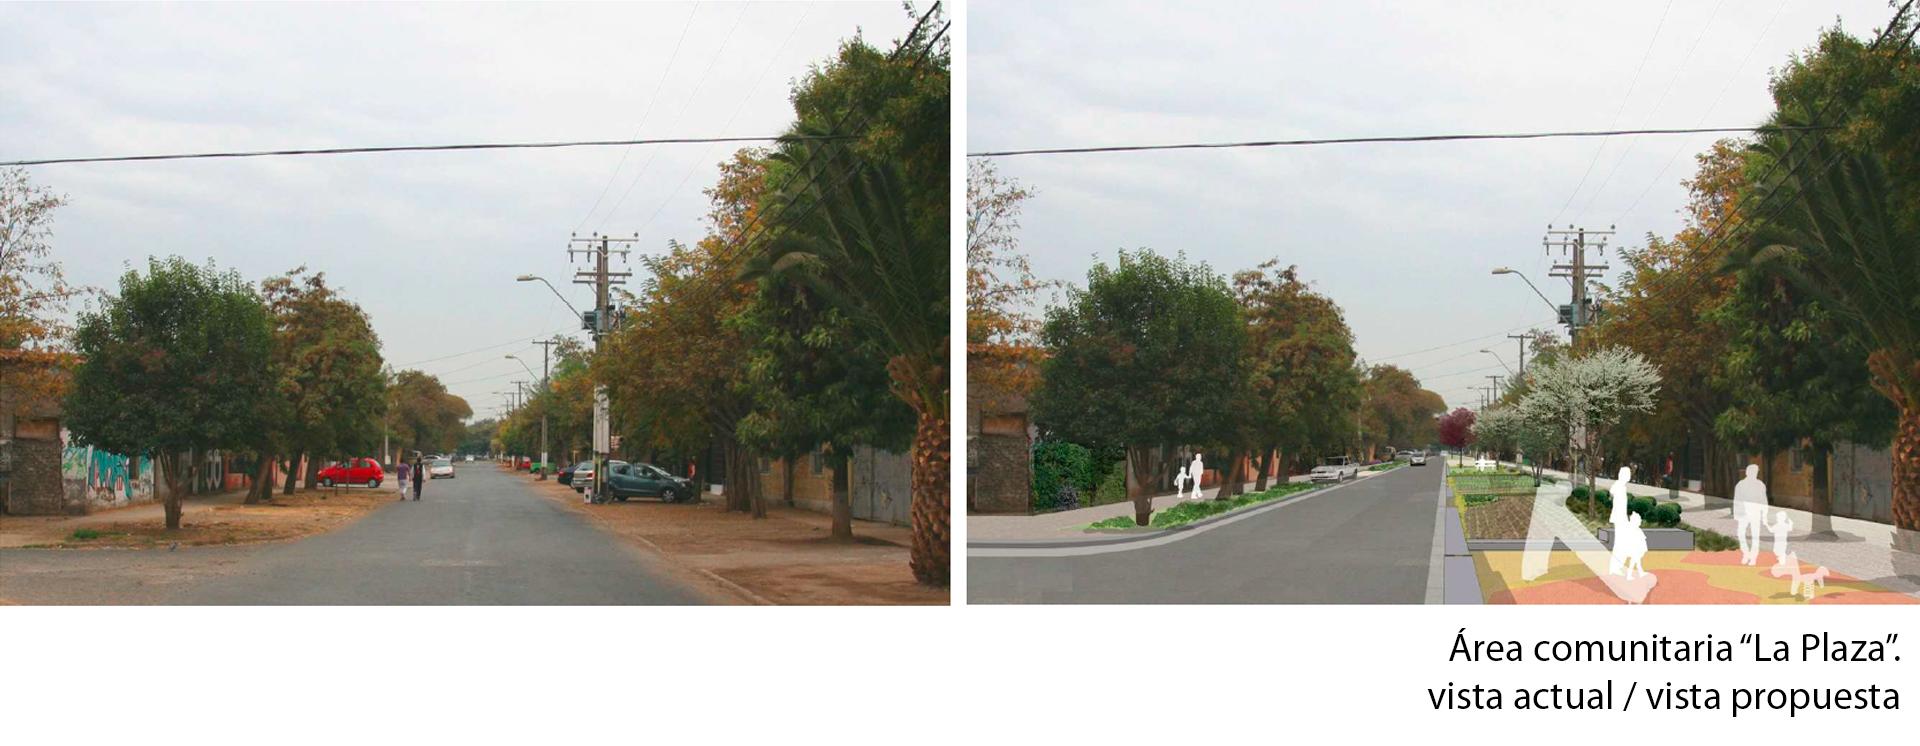 área comunitaria La Plaza vista actual y propuesta